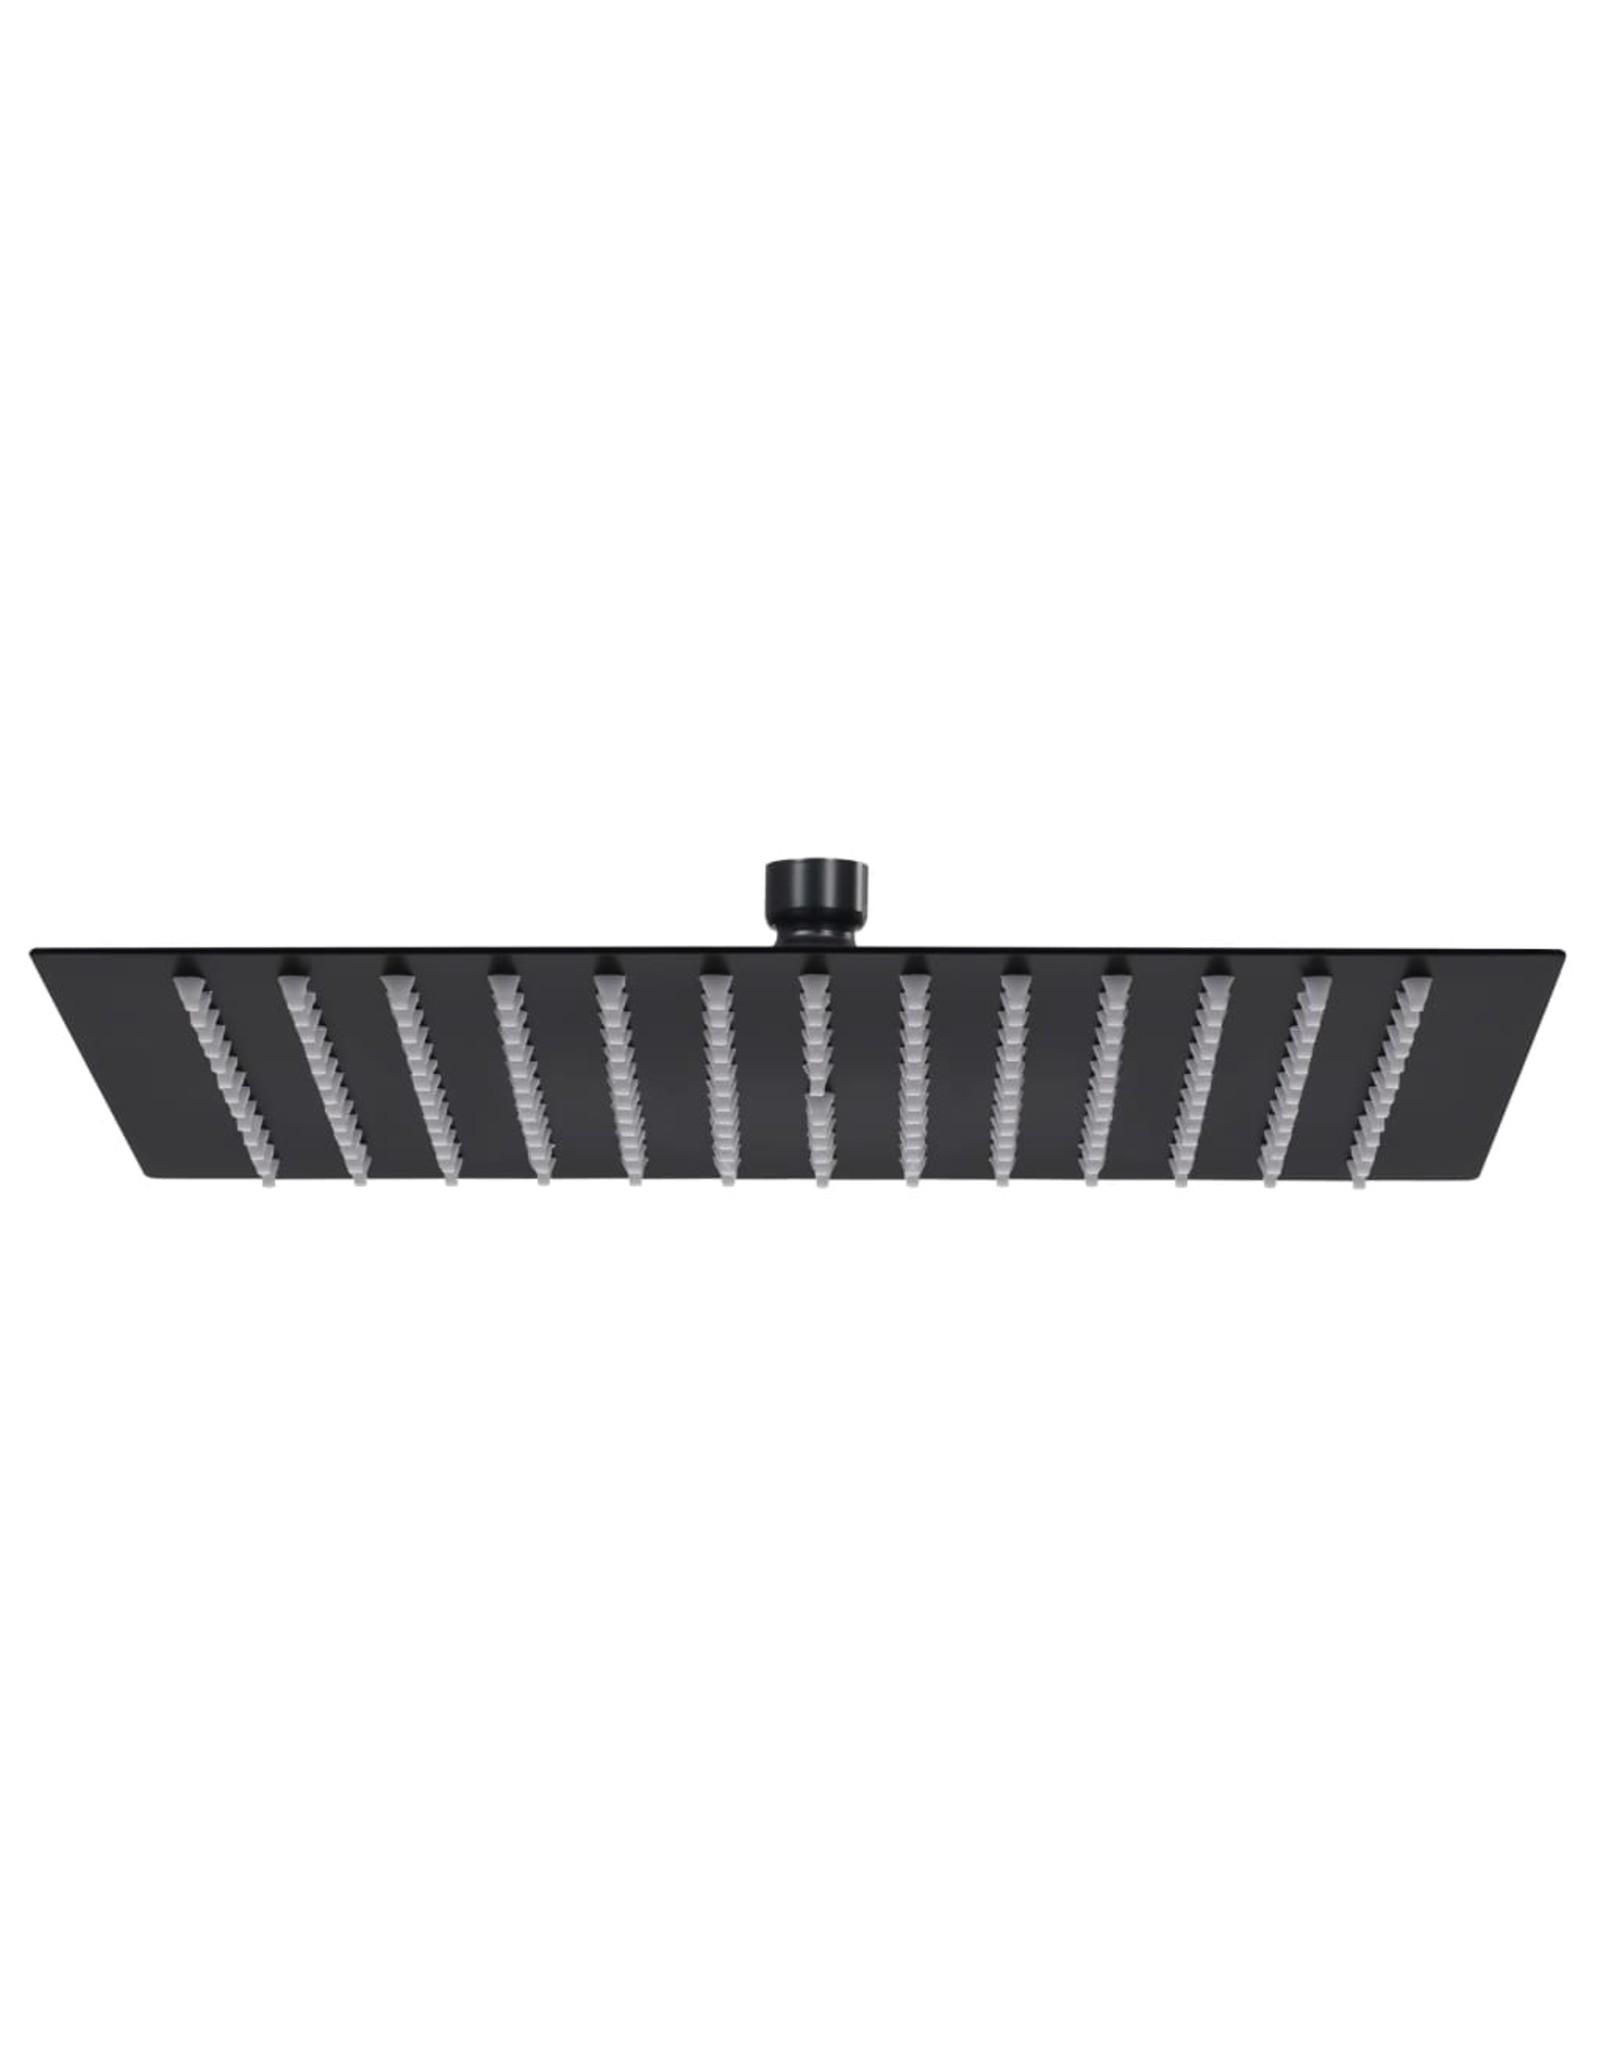 Regendouchekop vierkant 25x25 cm roestvrij staal zwart